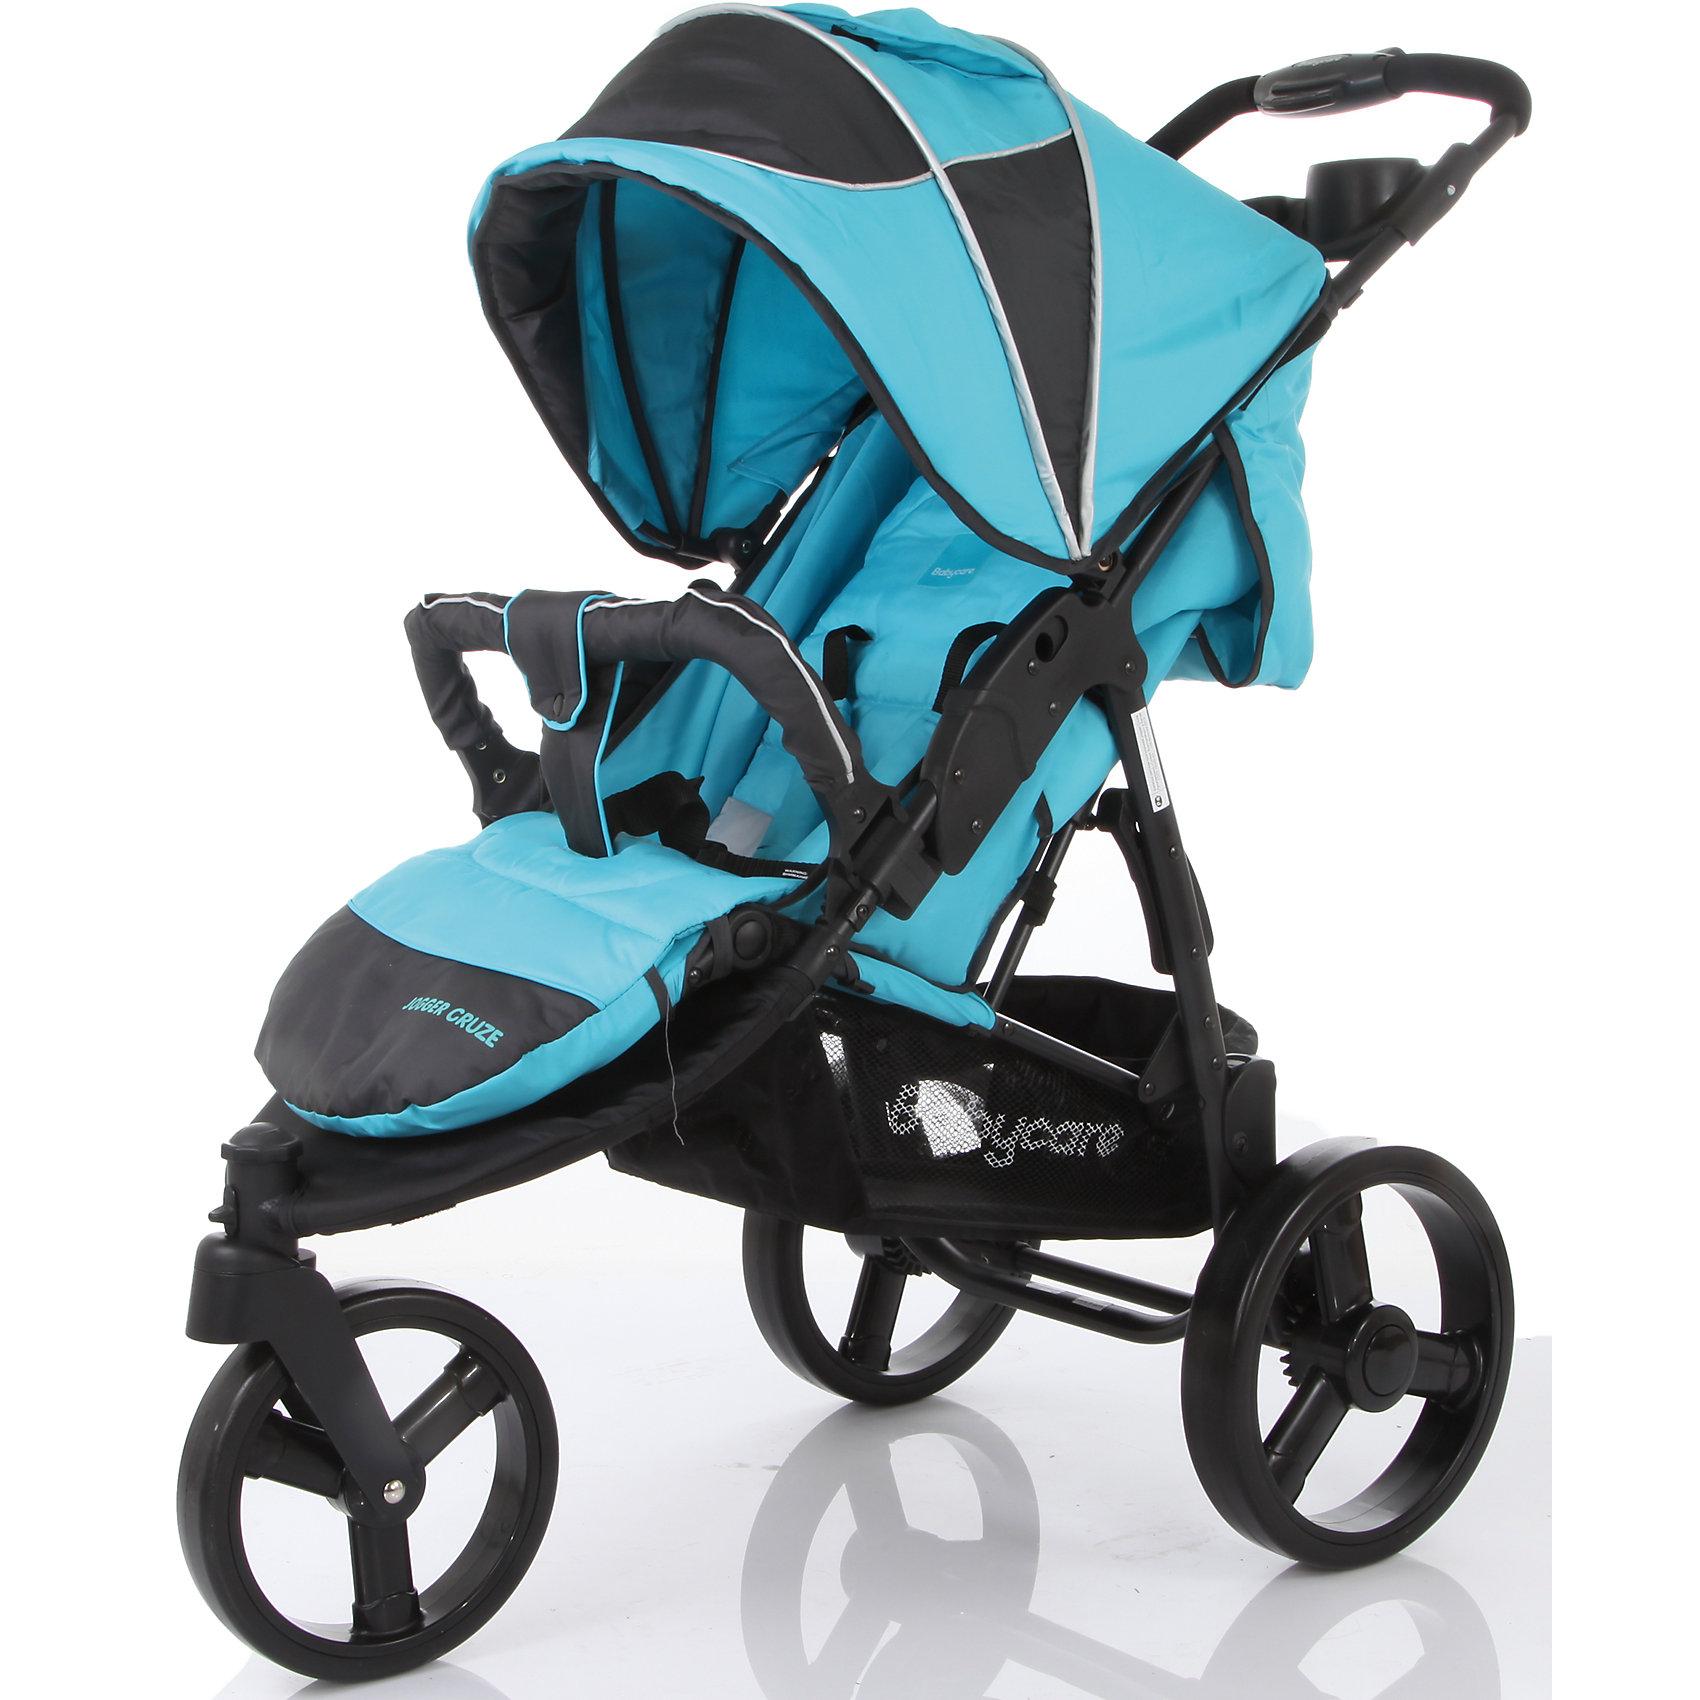 Прогулочная коляска Jogger Cruze, Baby Care, синийBaby Care Jogger Cruze – трехколесная прогулочная коляска на облегченной алюминиевой раме. Даная модель отлично подойдет для динамичных молодых родителей. Колеса большого диаметра обеспечивают хороший плавный ход, маневренность, высокую проходимость. Переднее колесо - поворотное с функцией фиксации, для более удобного движения по прямой. Модель идеально подходит для любых погодных условий. Материал коляски имеет водоотталкивающую пропитку. Капюшон защищает от снега, воды и солнца, опускается до бампера, в комплект входит утепленная накидка для ног. Для комфортного сна ребенка в любой ситуации и в любом месте, регулируемая спинка может откидываться до почти горизонтального положения. 5-титочечные ремни  и съемный бампер с мягкой накладкой подарят комфорт и безопасность крохе. Для удобства родителей модель оснащена съемным столиком с двумя подстаканниками и большой сетчатой корзиной для покупок. Коляска легко складывается, занимает мало места при хранении и транспортировке, колеса снимаются. <br><br>Дополнительная информация:<br><br>- Механизм складывания: книжка.<br>- Комплектация: поднос для родителей, солнцезащитный козырек, дождевик, накидка на ноги.<br>- Материал: металл, пластик, текстиль, резина.<br>- Размер: 80x53x105 см.<br>- Размер колесной базы: 53 см.<br>- Размер сиденья: 42х40 см.<br>- Длина спального места: 80 см.<br>- Высота ручки от пола: 105 см.<br>- Вес: 9 кг.<br>- Количество колес: 3.<br>- Диаметр колес: переднее -20 см, задние - 27 см.<br>- Цвет: синий.<br>- Переднее колесо поворотное, с возможностью блокировки.<br>- Система амортизации.<br>- Стояночный тормоз.<br>- 5-ти точечные ремни безопасности.<br>- Съемный бампер.<br>- Регулировка спинки (максимальный наклон 170 градусов).<br>- Солнцезащитный козырек.<br>- Вместительная корзина для покупок.<br>- Столик для мамы с двумя подстаканниками<br><br>Прогулочную коляску Jogger Cruze, Baby Care, синюю, можно купить в нашем магазине.<br><br>Ширина мм: 87